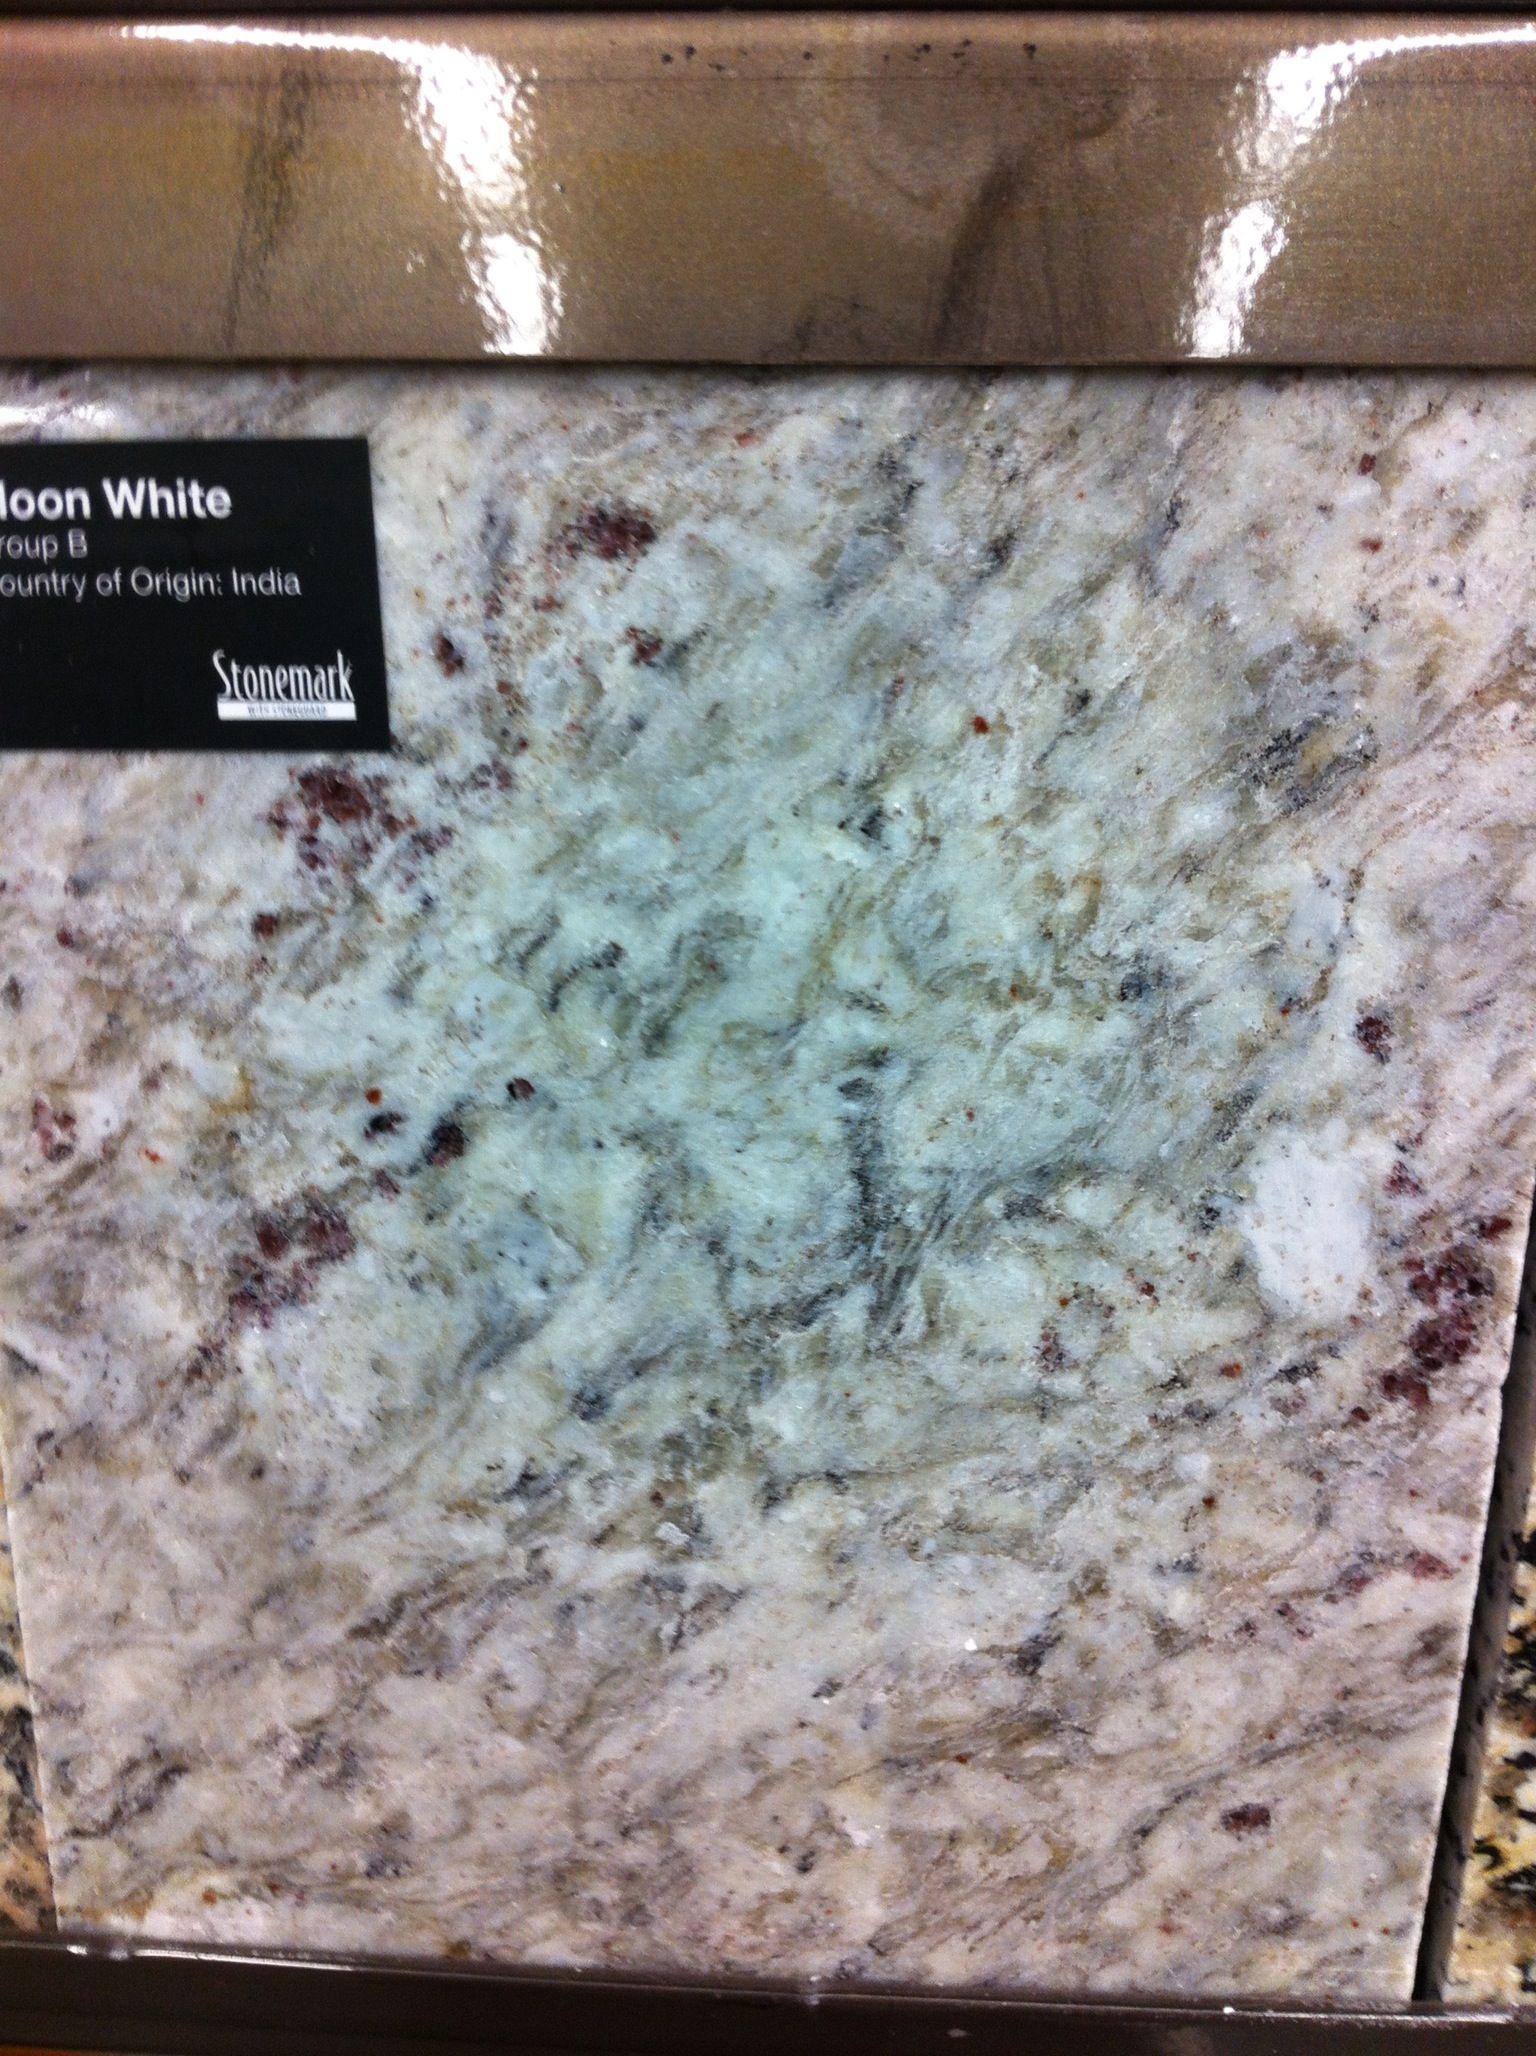 Granite white moon - Home Depot group b | Kitchen | Pinterest ...